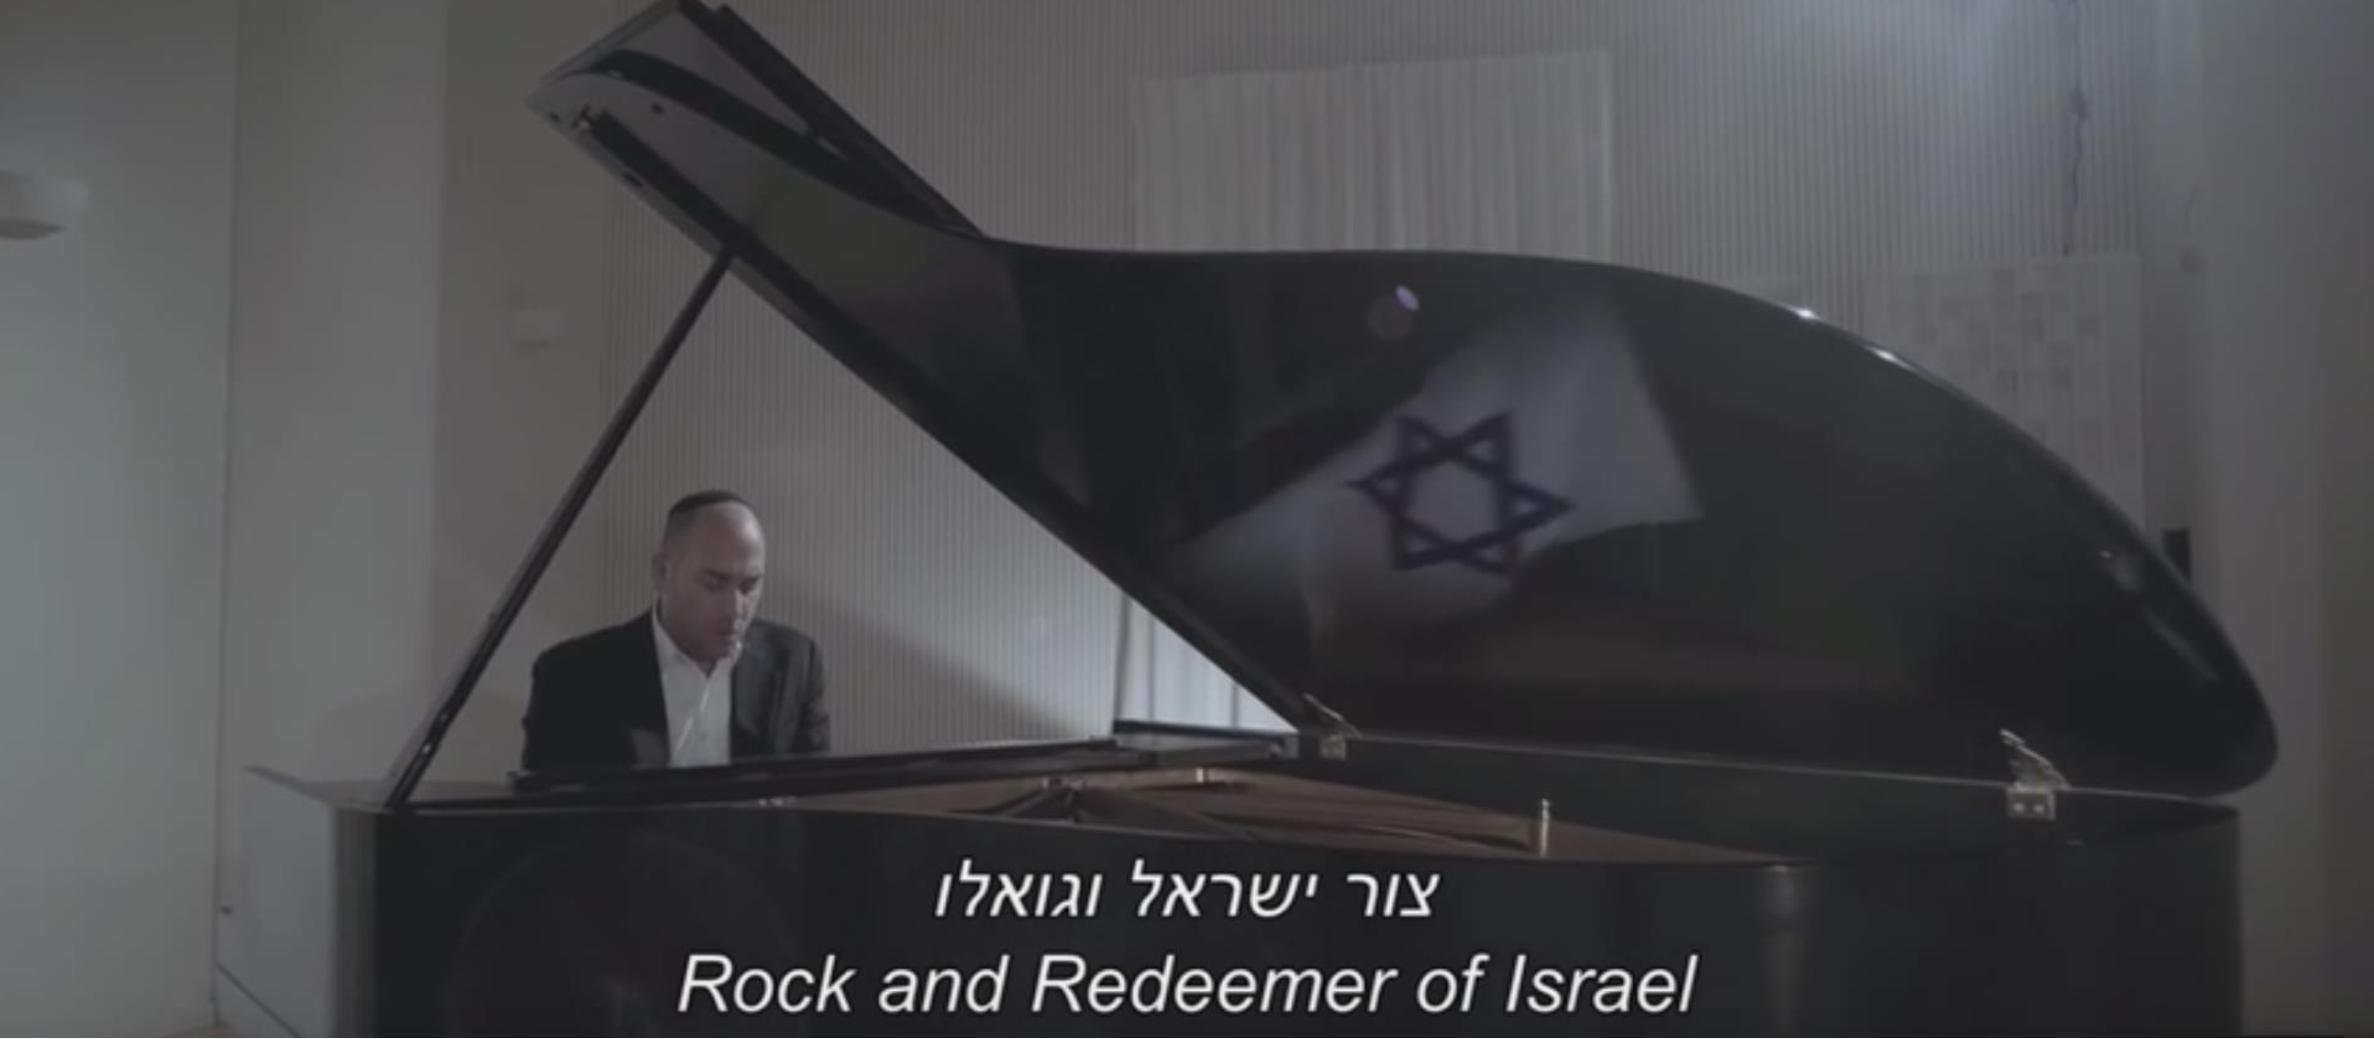 VIDEO: 'Prayer for the State of Israel' by Netanel Hershtik